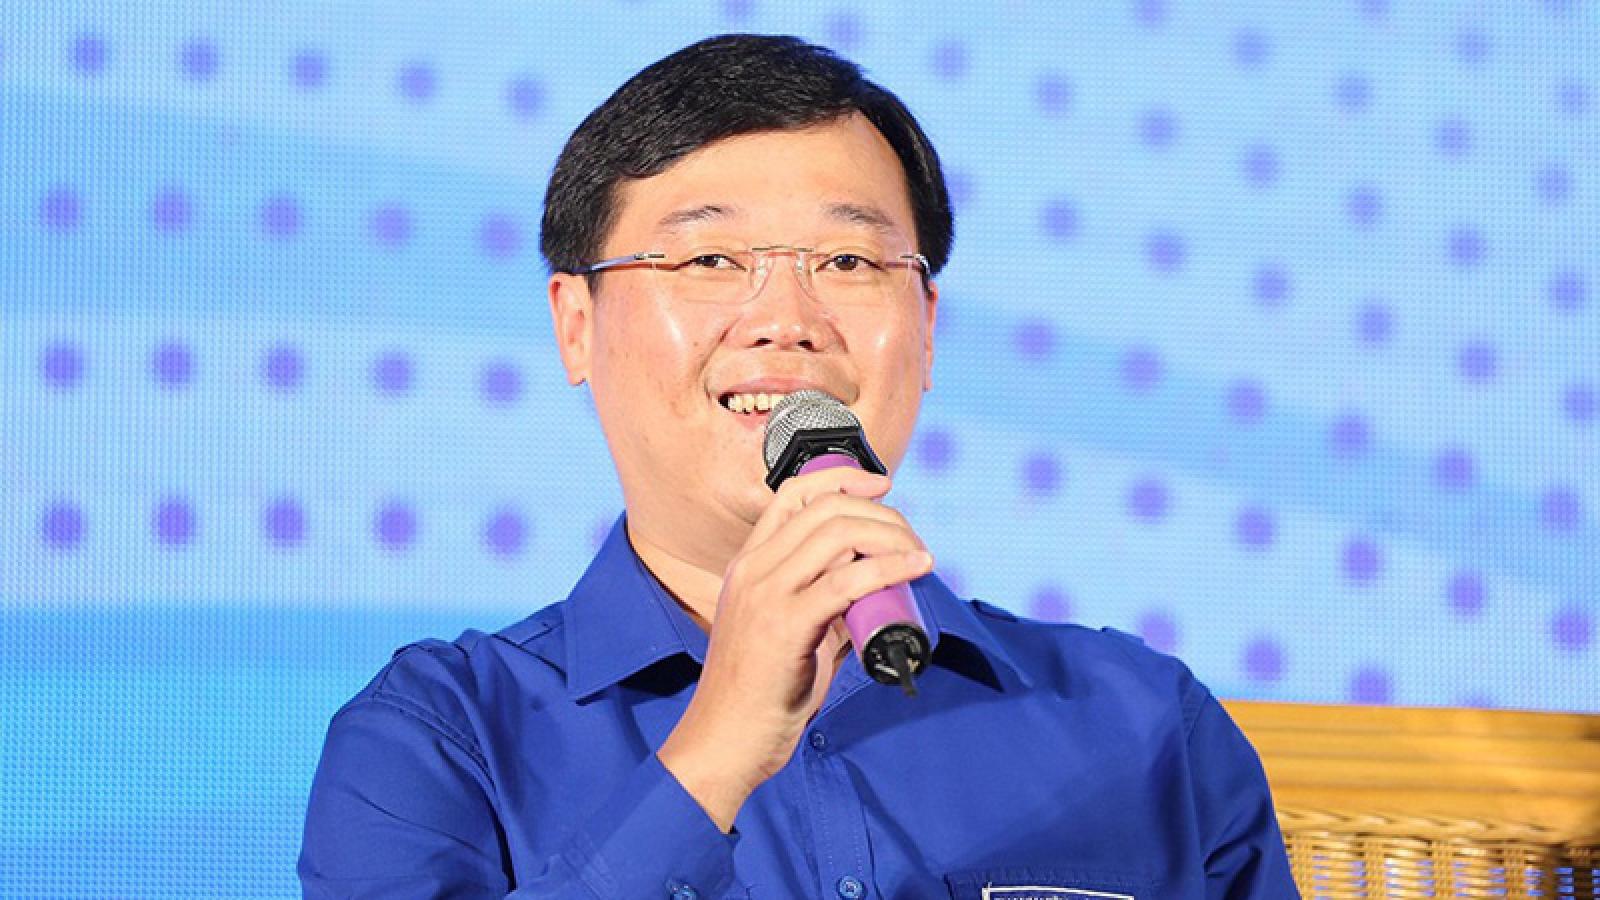 AIPA 41: Cơ hội để nghị sĩ trẻ tham gia vào những vấn đề chung của ASEAN